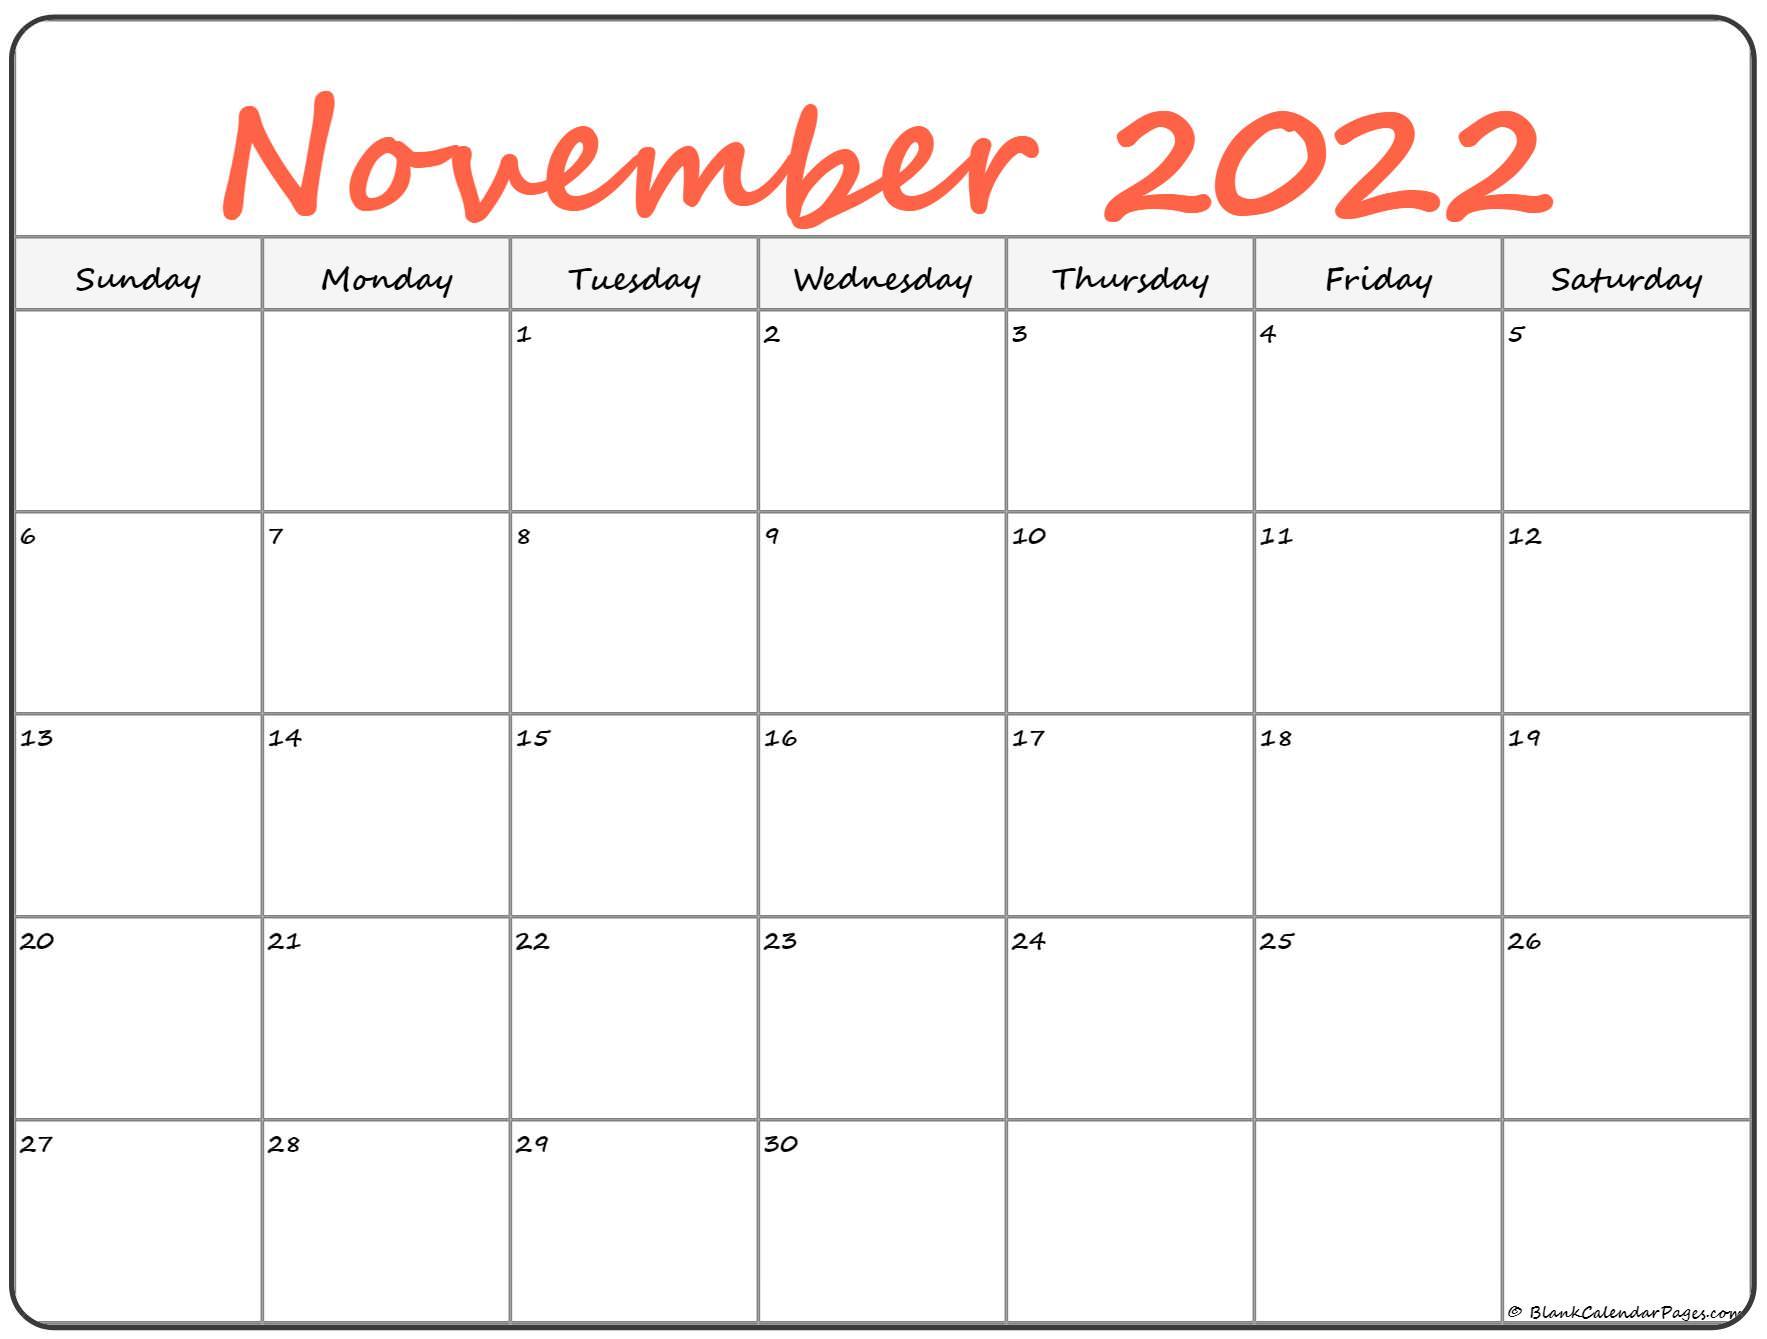 Lego November 2022 Calendar.November 2022 Calendar Free Printable Calendar Templates